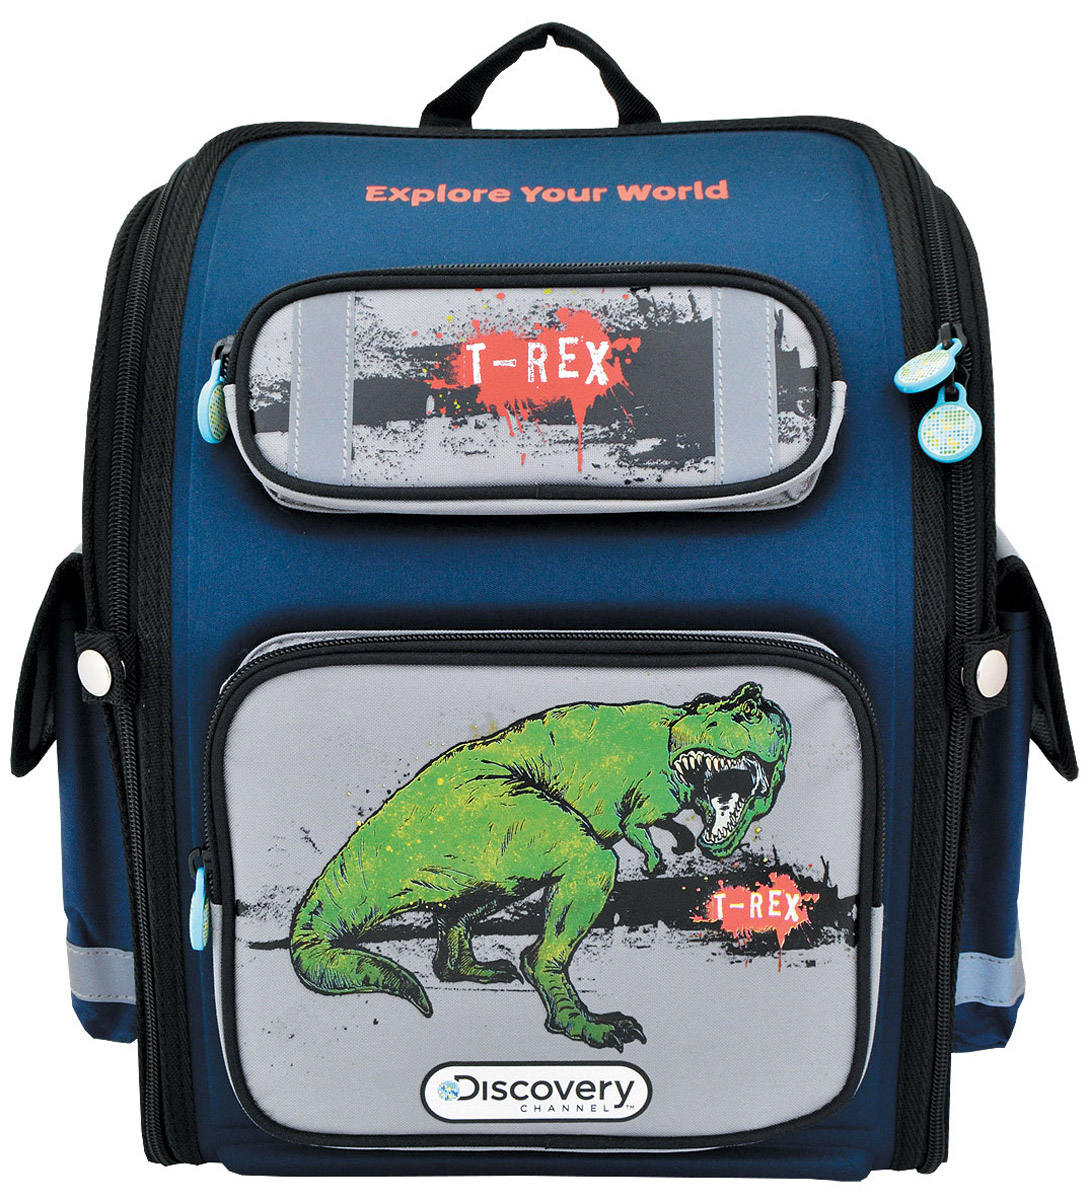 Action! Ранец школьный Discovery T-Rex цвет синий730396Лицензионный дизайн Discovery. Возможность плоской раскладки позволяет удобно и экономично транспортировать данную модель. Вес ранца около 700 гр. Рассчитан на объем до 14 л. Жесткая рельефная спинка с продольной анатомической формой. Рельефная спинка создает дополнительный массажный эффект для спины, что позволяет чувствовать себя более удобно и комфортно. Задние эластичные регулируемые ремни позволяют правильно распределить рюкзак на спине. Имеются светоотражающие полоски безопасности. Одно основное отделение с дополнительными внутренними отделениями. Имеется расписание уроков. 4 кармана: два боковых : на липучке и с сеточкой, два передних . Карманы имеют светоотражающие полоски безопасности. Светоотражающие полоски безопасности на верхнем кармане. Ограничители степени раскрытия молнии. Прижимной ремень на талию. На молниях имеются декоративные лицензионные элементы. Внизу ножки для дополнительной устйчивости. Ручка тканевая плотная. Имеется расписание уроков.